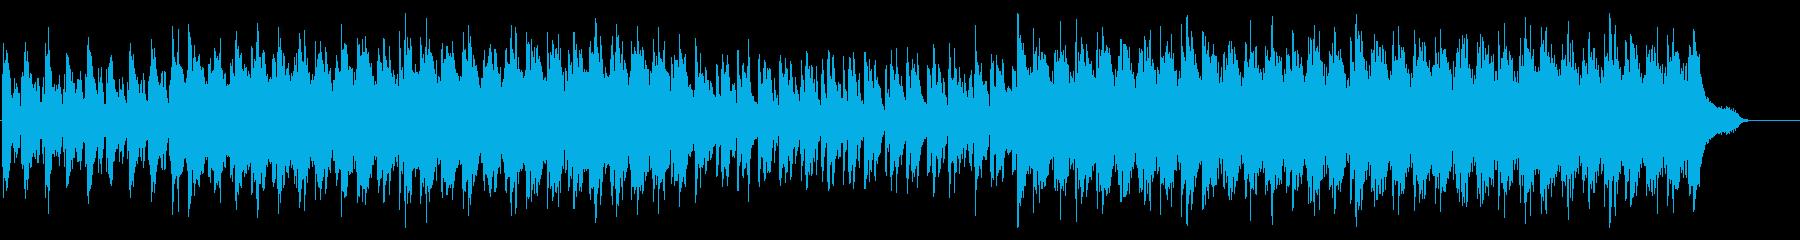 ピアノとストリングス/企業VP/前向きの再生済みの波形